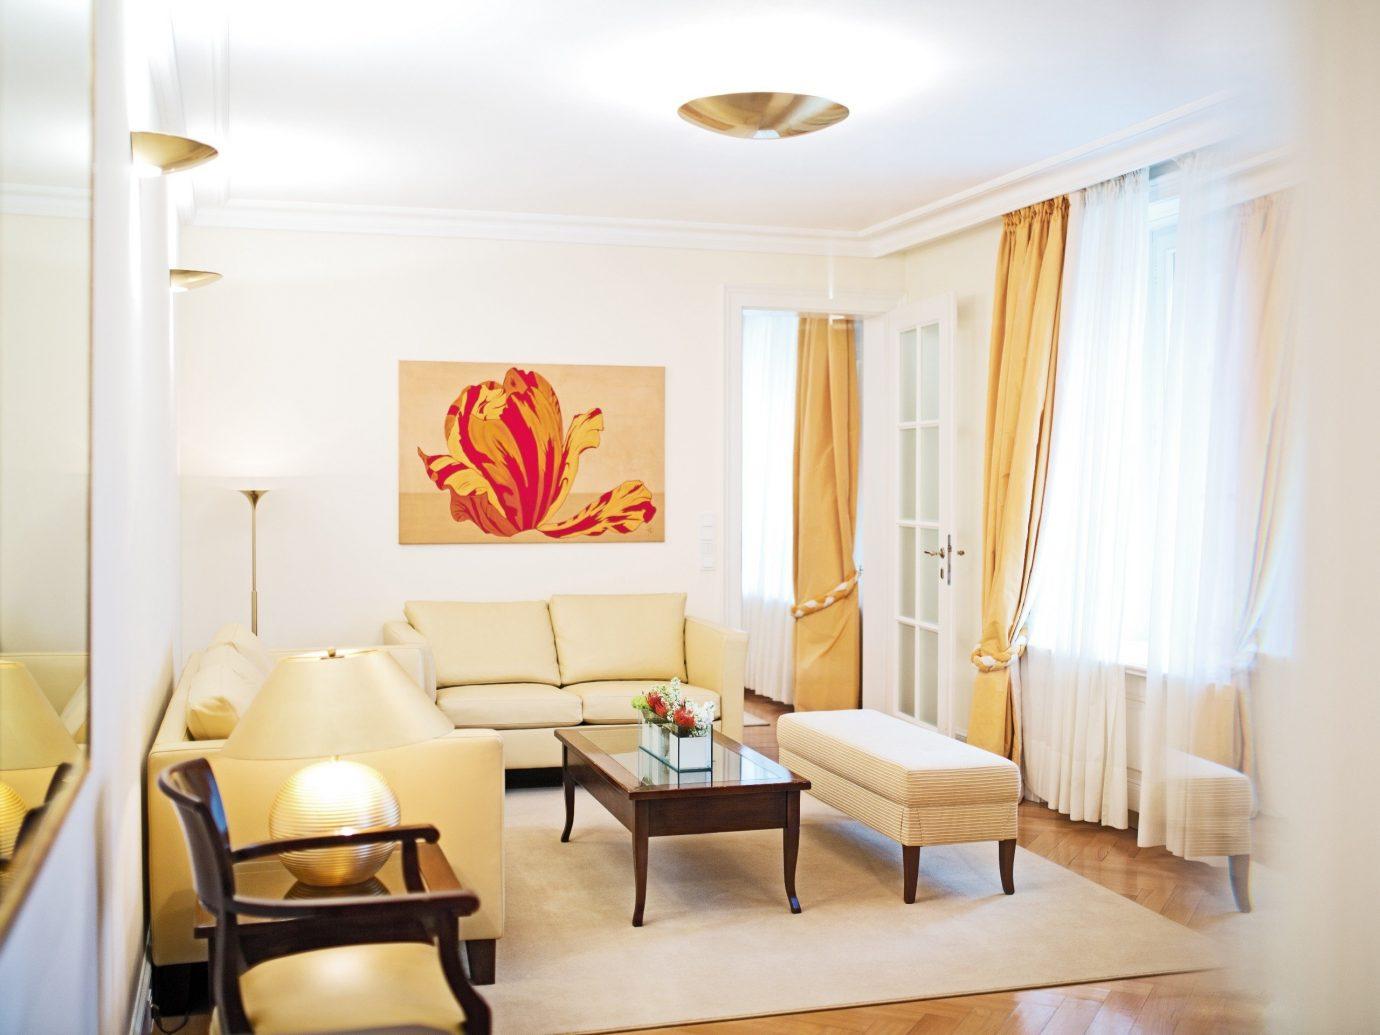 Austria europe Hotels Vienna indoor wall floor room Living interior design ceiling living room Suite furniture real estate apartment interior designer Bedroom decorated